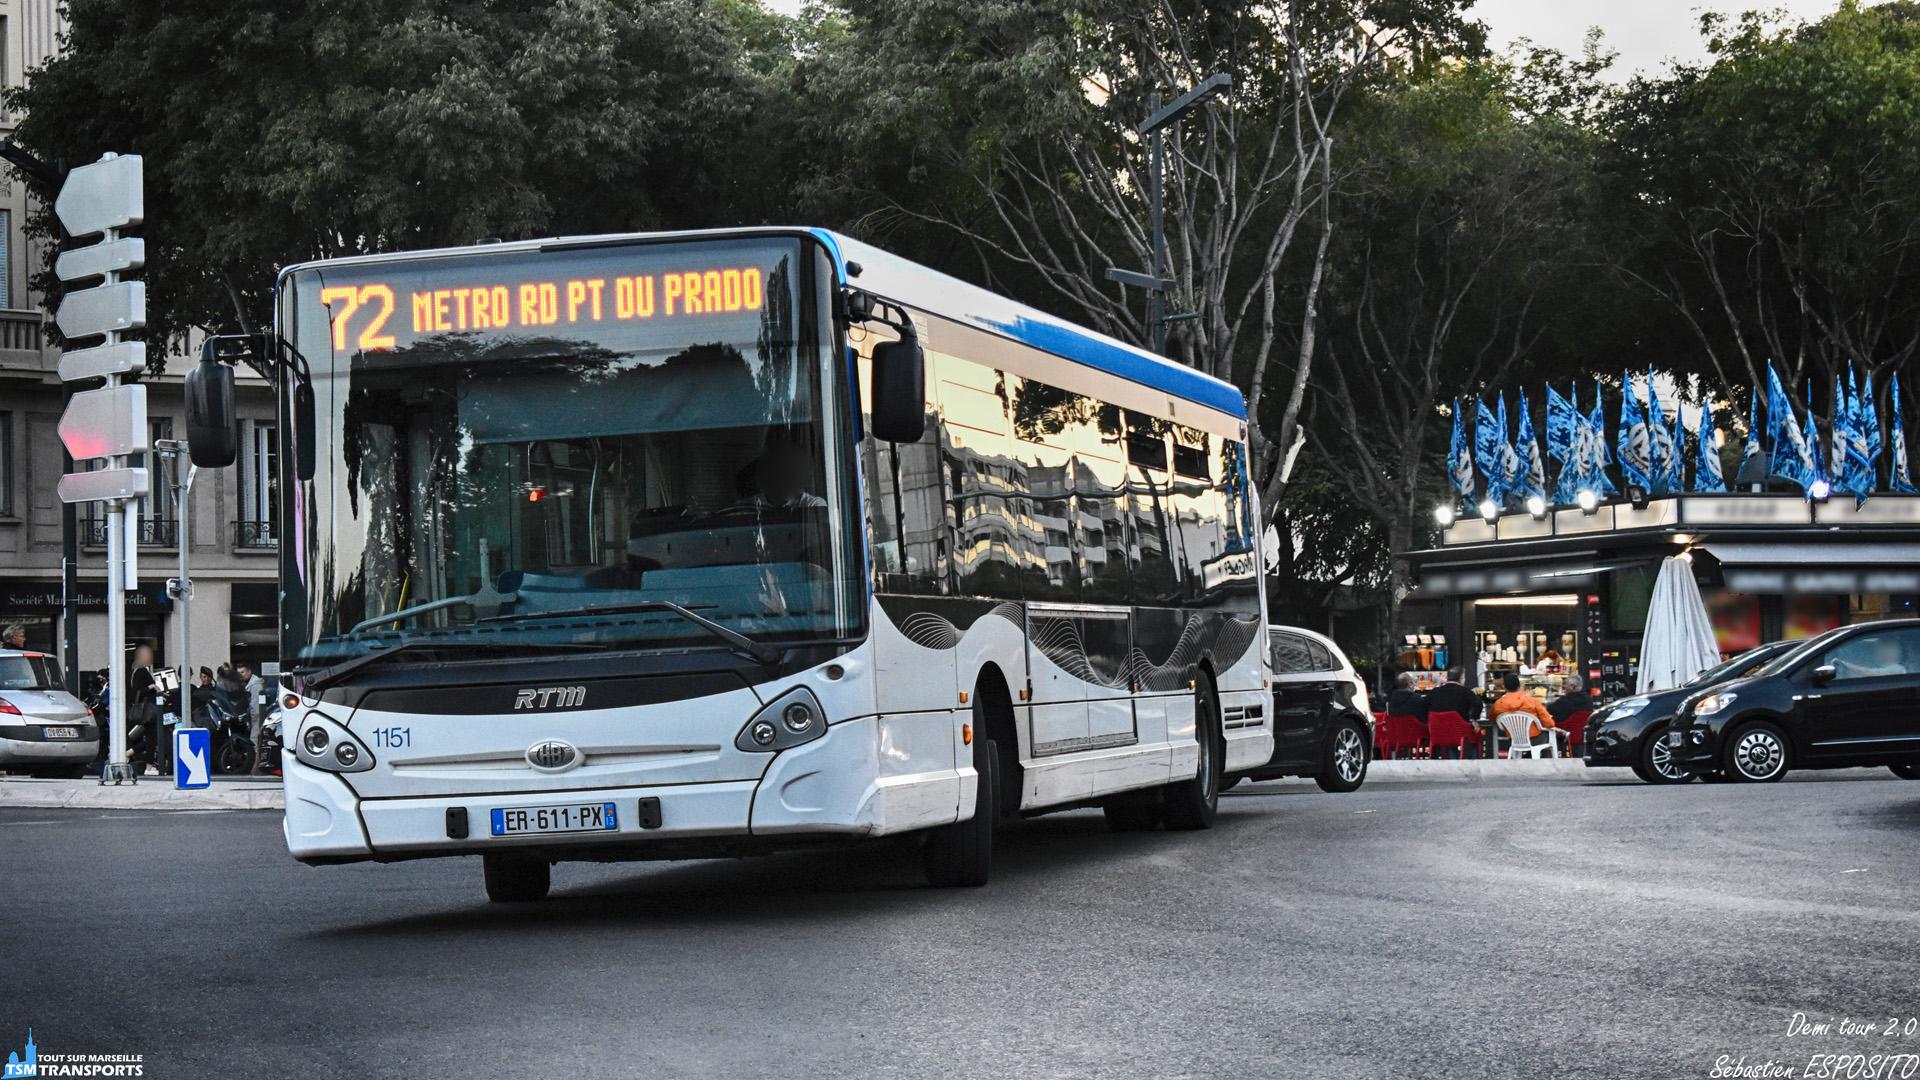 Alors que l'actualité du réseau Marseillais se porte sur les derniers arrivants, les GX327 sont quelque peu oublié depuis ces dernières semaines, la faute à cette nouvelle livrée et aux nouveaux véhicules qui continue toujours d'affluer. . Ici ce GX327 procède à son retournement sur le Rond Point du Prado. . ℹ️ Heuliez Bus GX 327 RTM n°1151. . 📍 Rond Point du Prado, 8eme arrondissement de Marseille. . ↔️ 72 : Métro Rond Point du Prado - Métro Bougainville. . 📸 Nikon D5600. . 📷 Nikkor 18-55mm. . 📅 26 Septembre 2018 à 19:13. . 👨 Sébastien ESPOSITO.